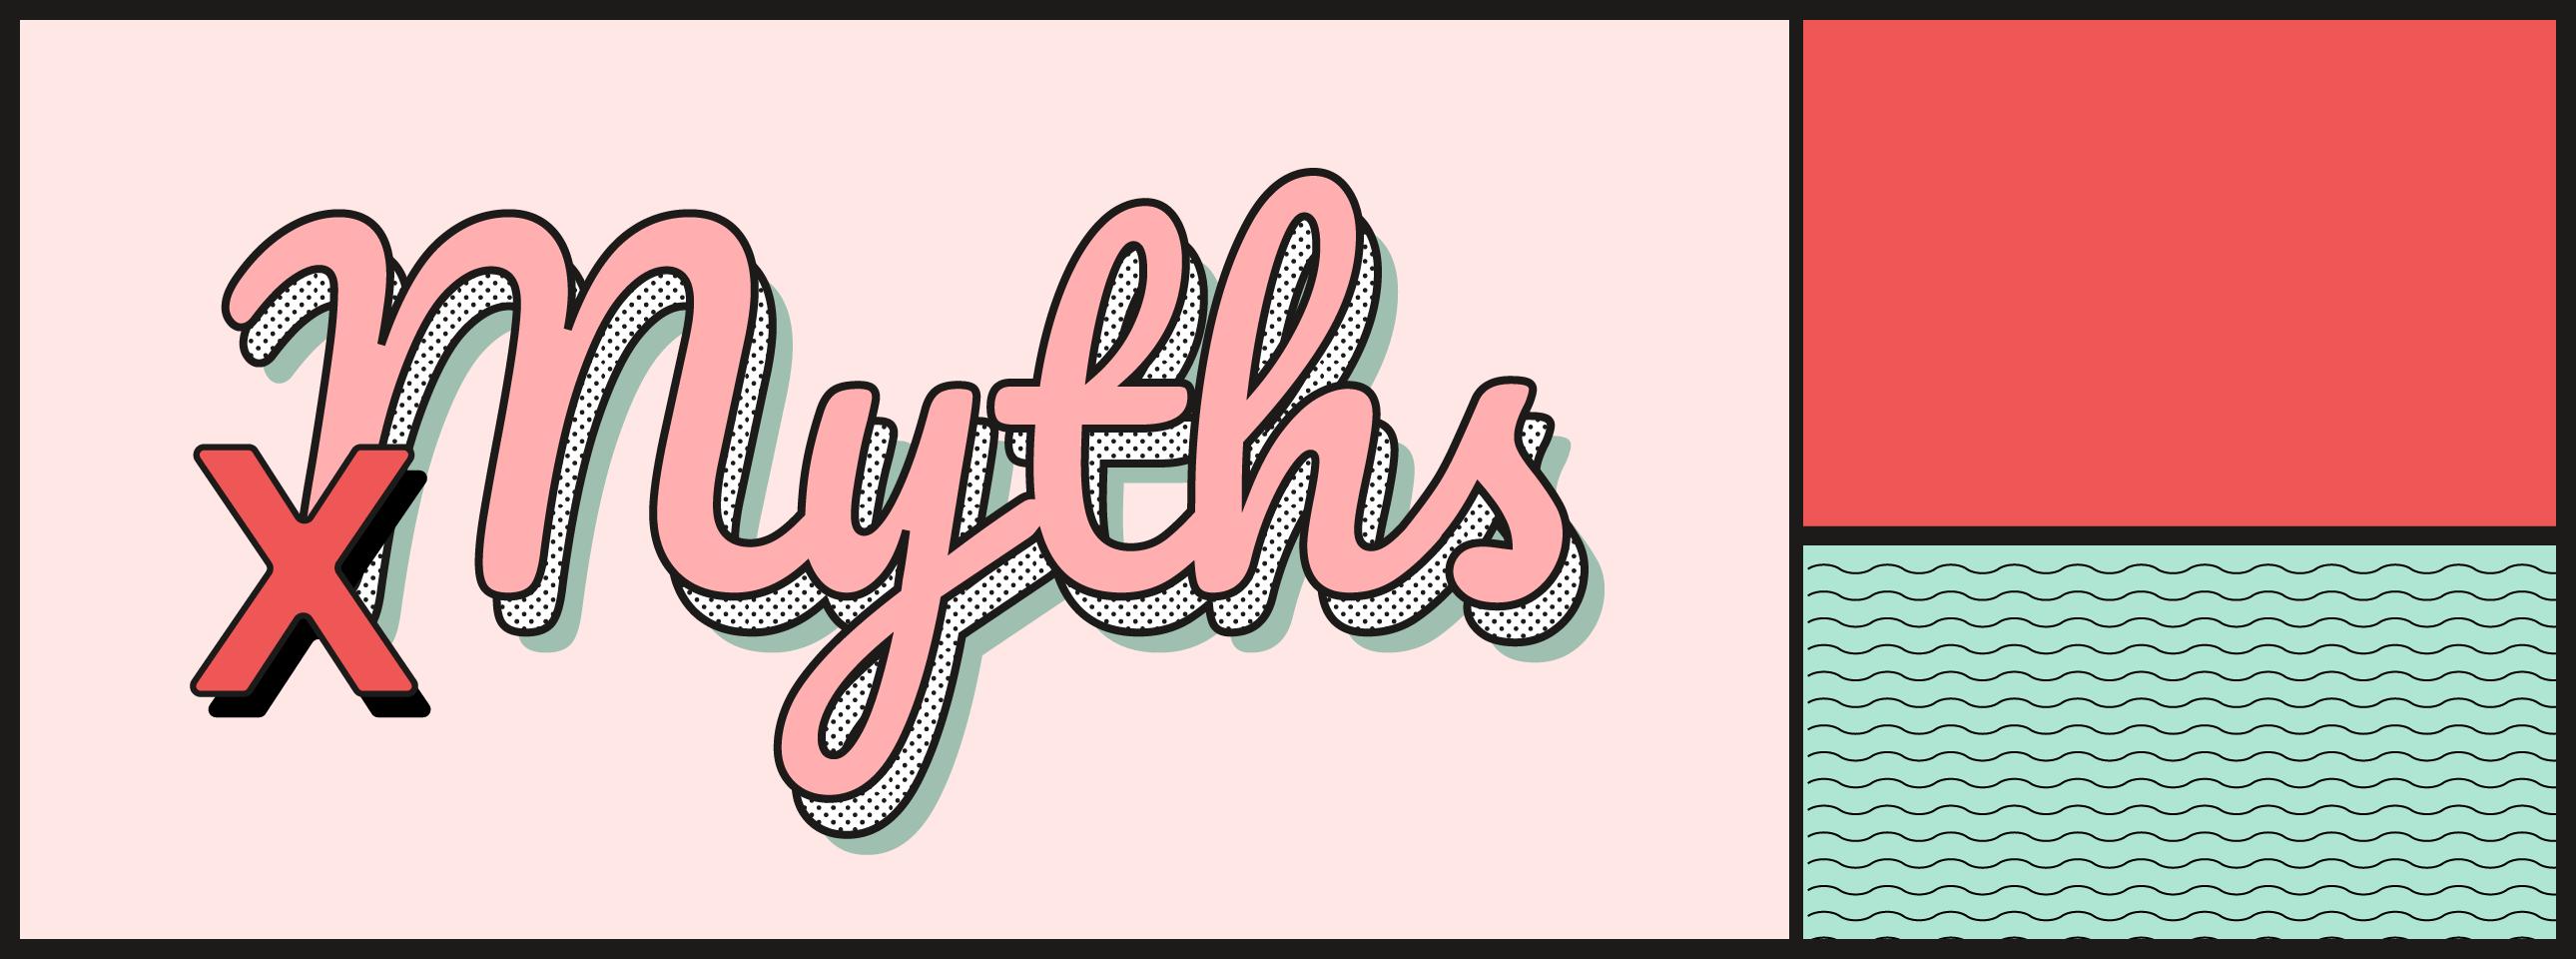 College Myths: DEBUNKED